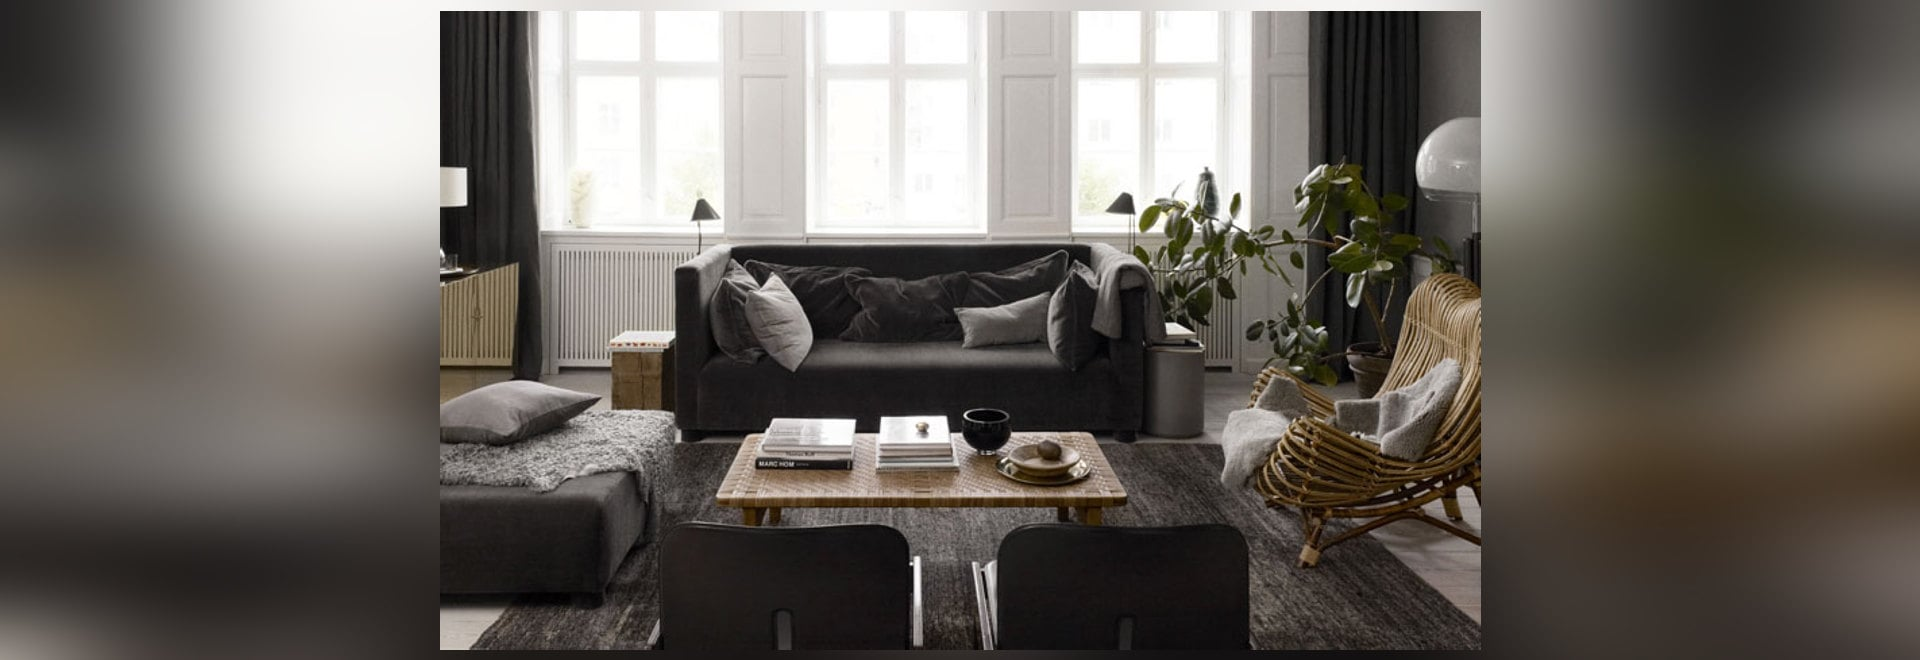 Wohnung Kopenhagen studioilse nimmt wohnsitz in der kopenhagen galerie die wohnung auf